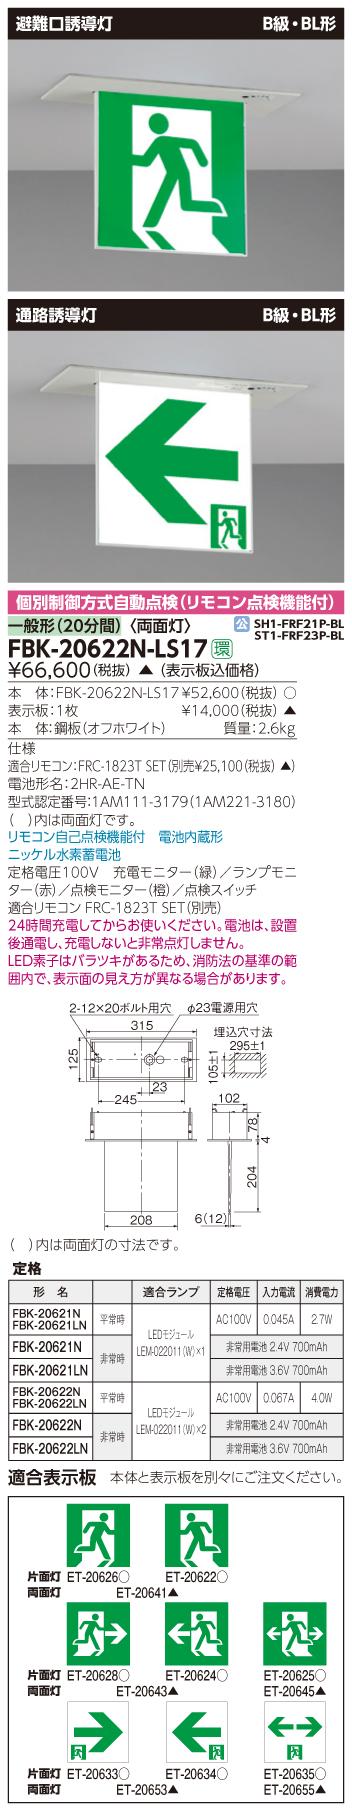 【法人様限定】東芝 FBK-20622N-LS17 LED誘導灯 天井埋込形 電池内蔵 両面 B級BL形 一般形(20分) 【表示板別売】